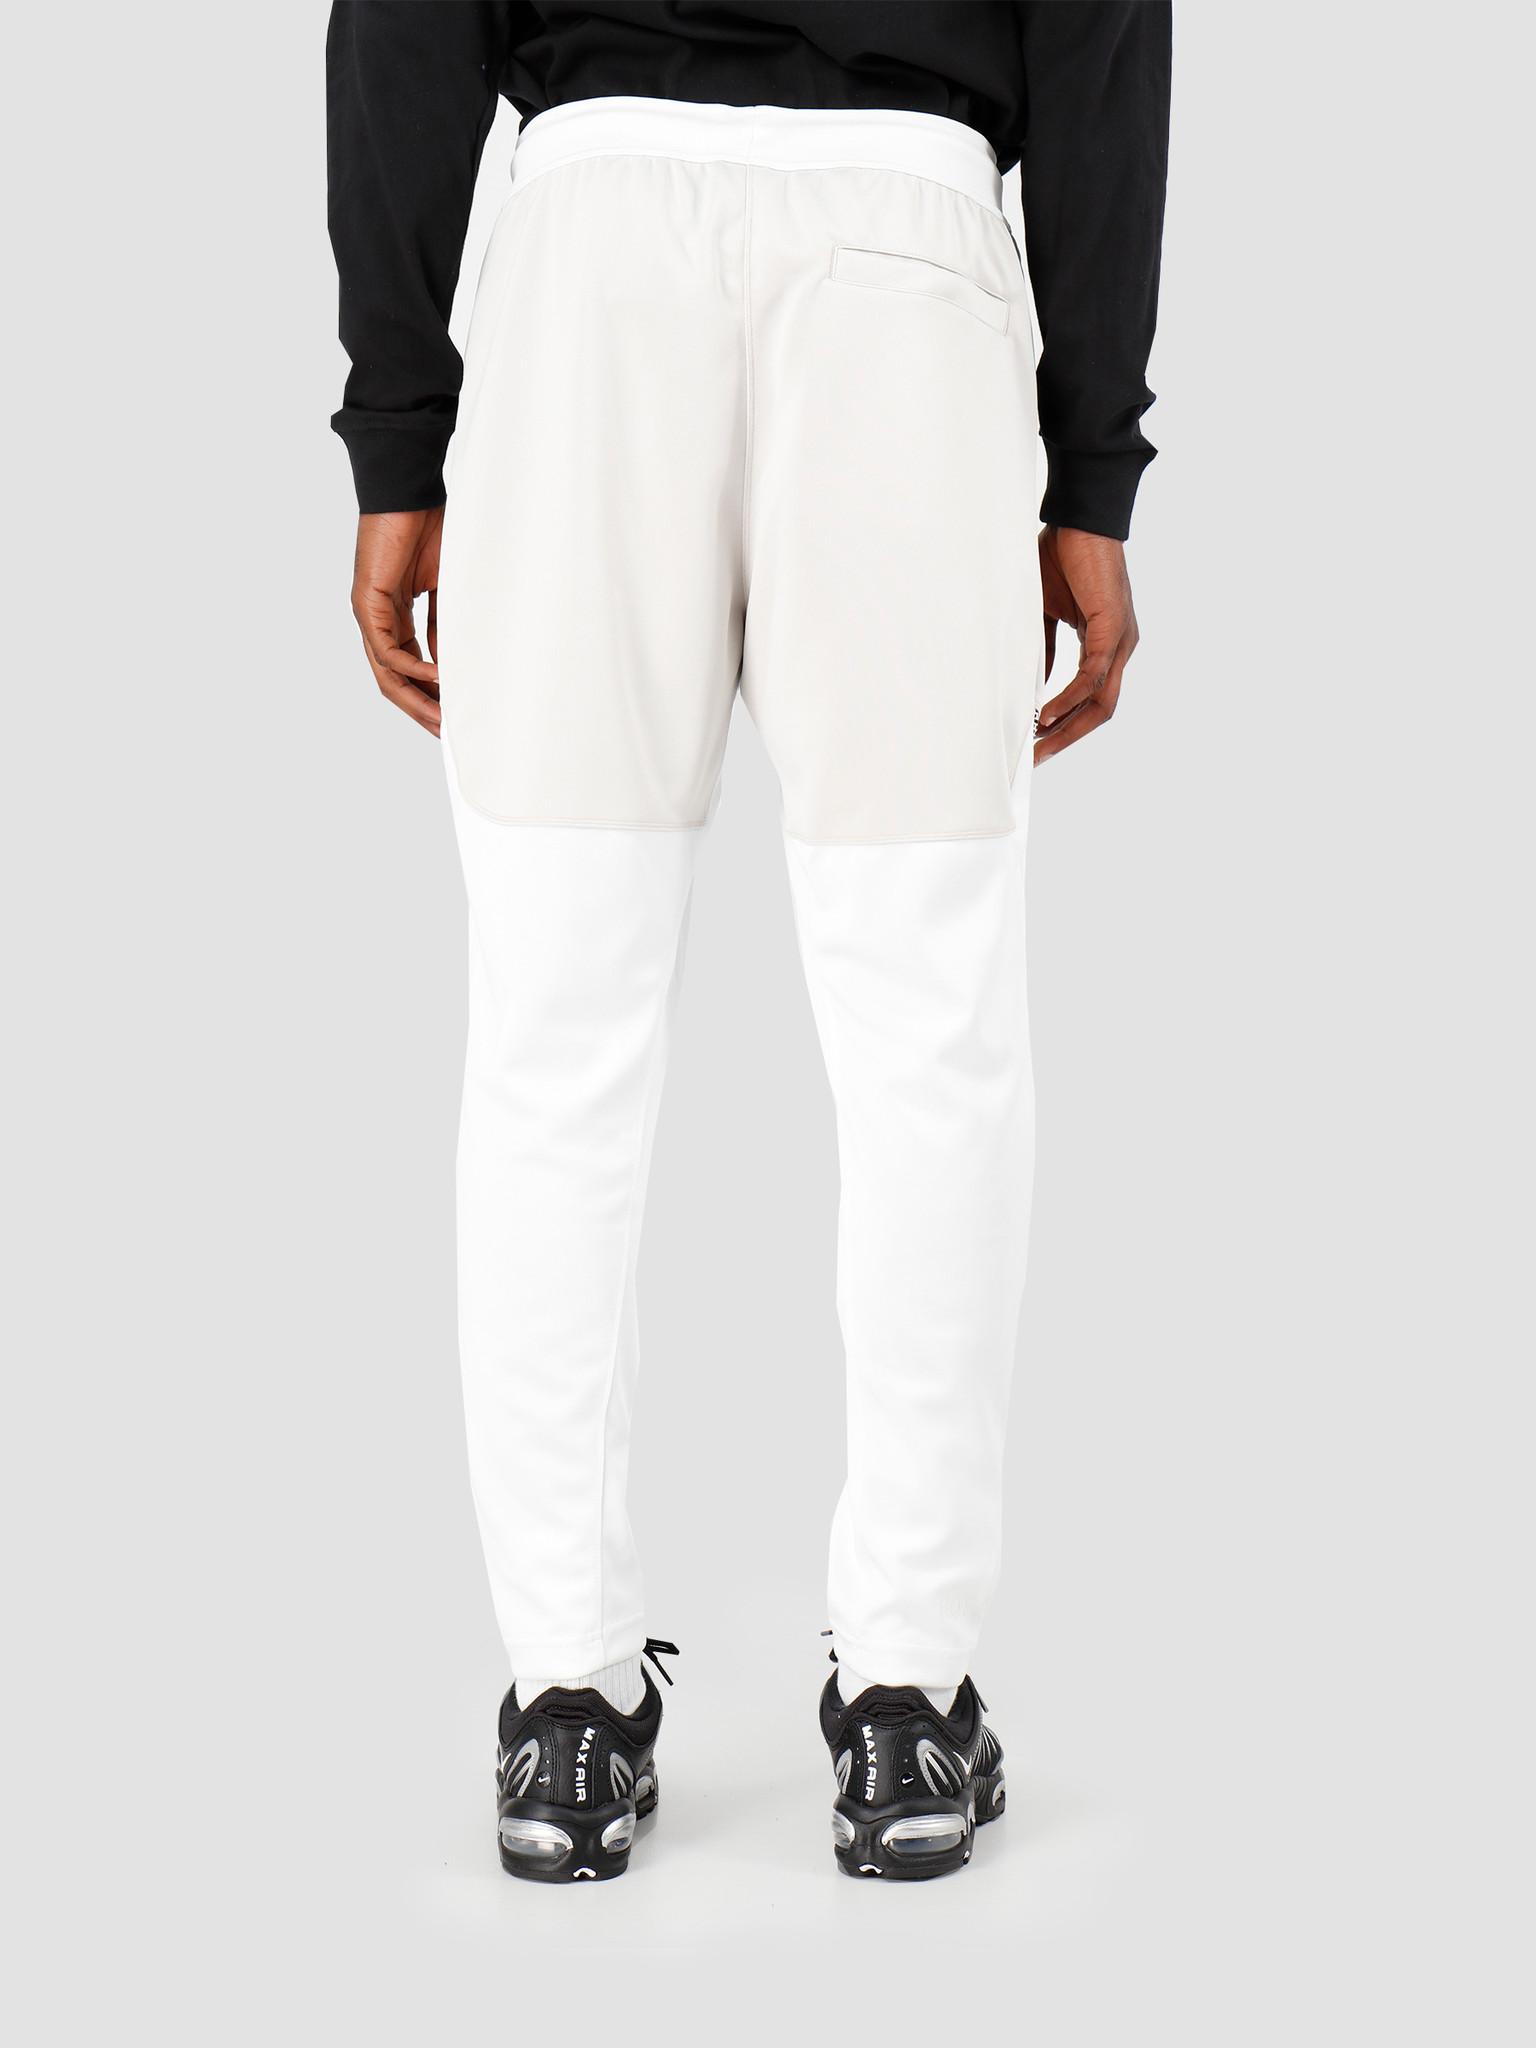 Nike Nike NSW Nsp Track Pant Pk Bodyap Light Bone Suit White Black BV4550-072